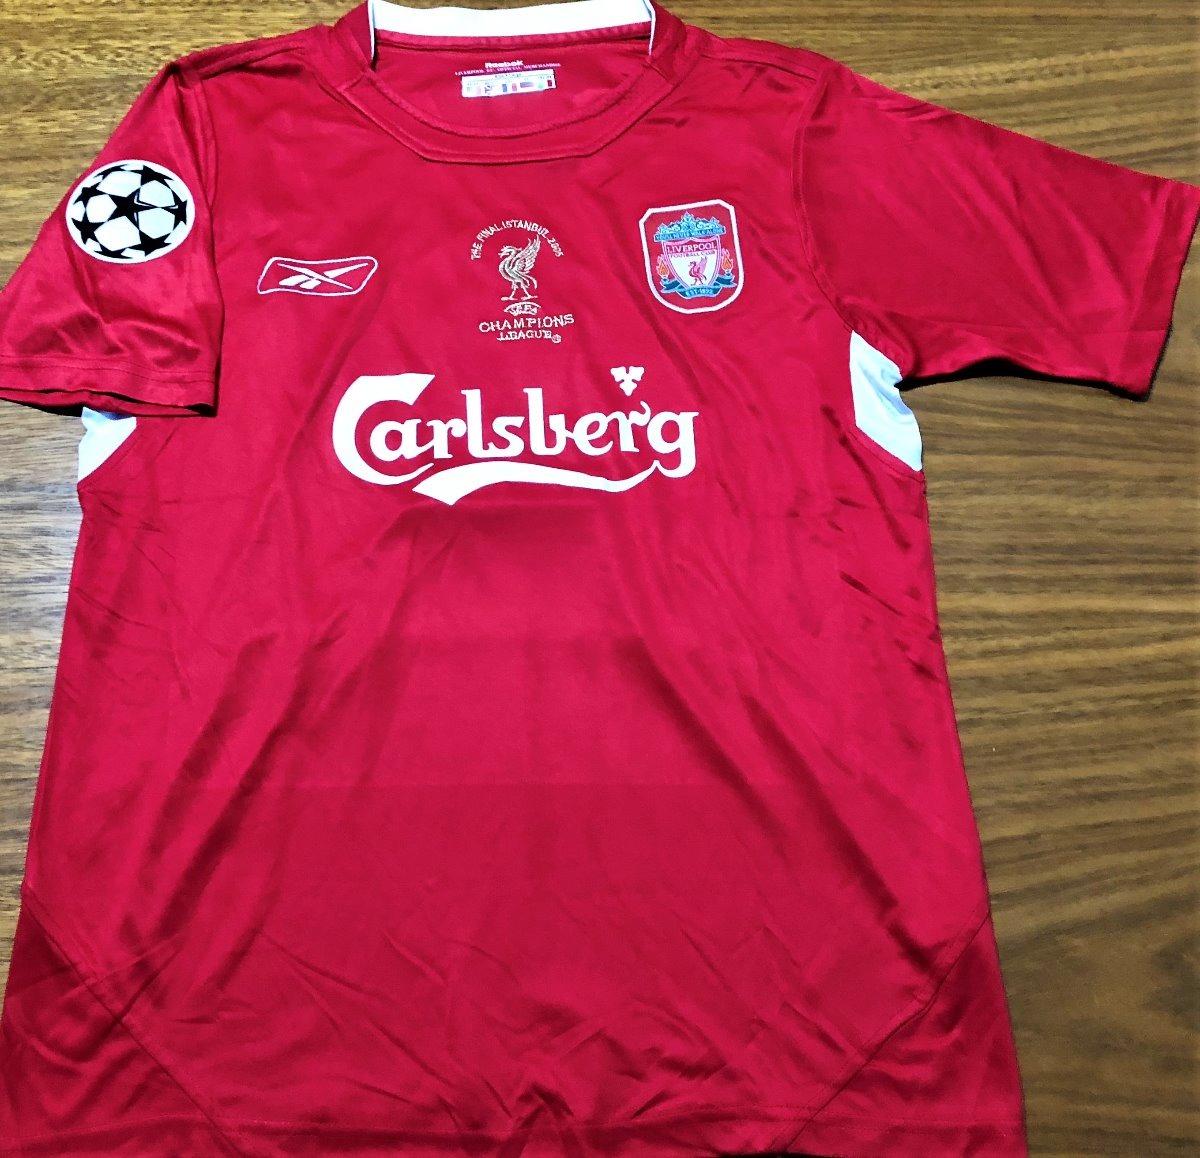 camisa liverpool final champions 2005 autografada gerrard. Carregando zoom. 4050c3f8a578f